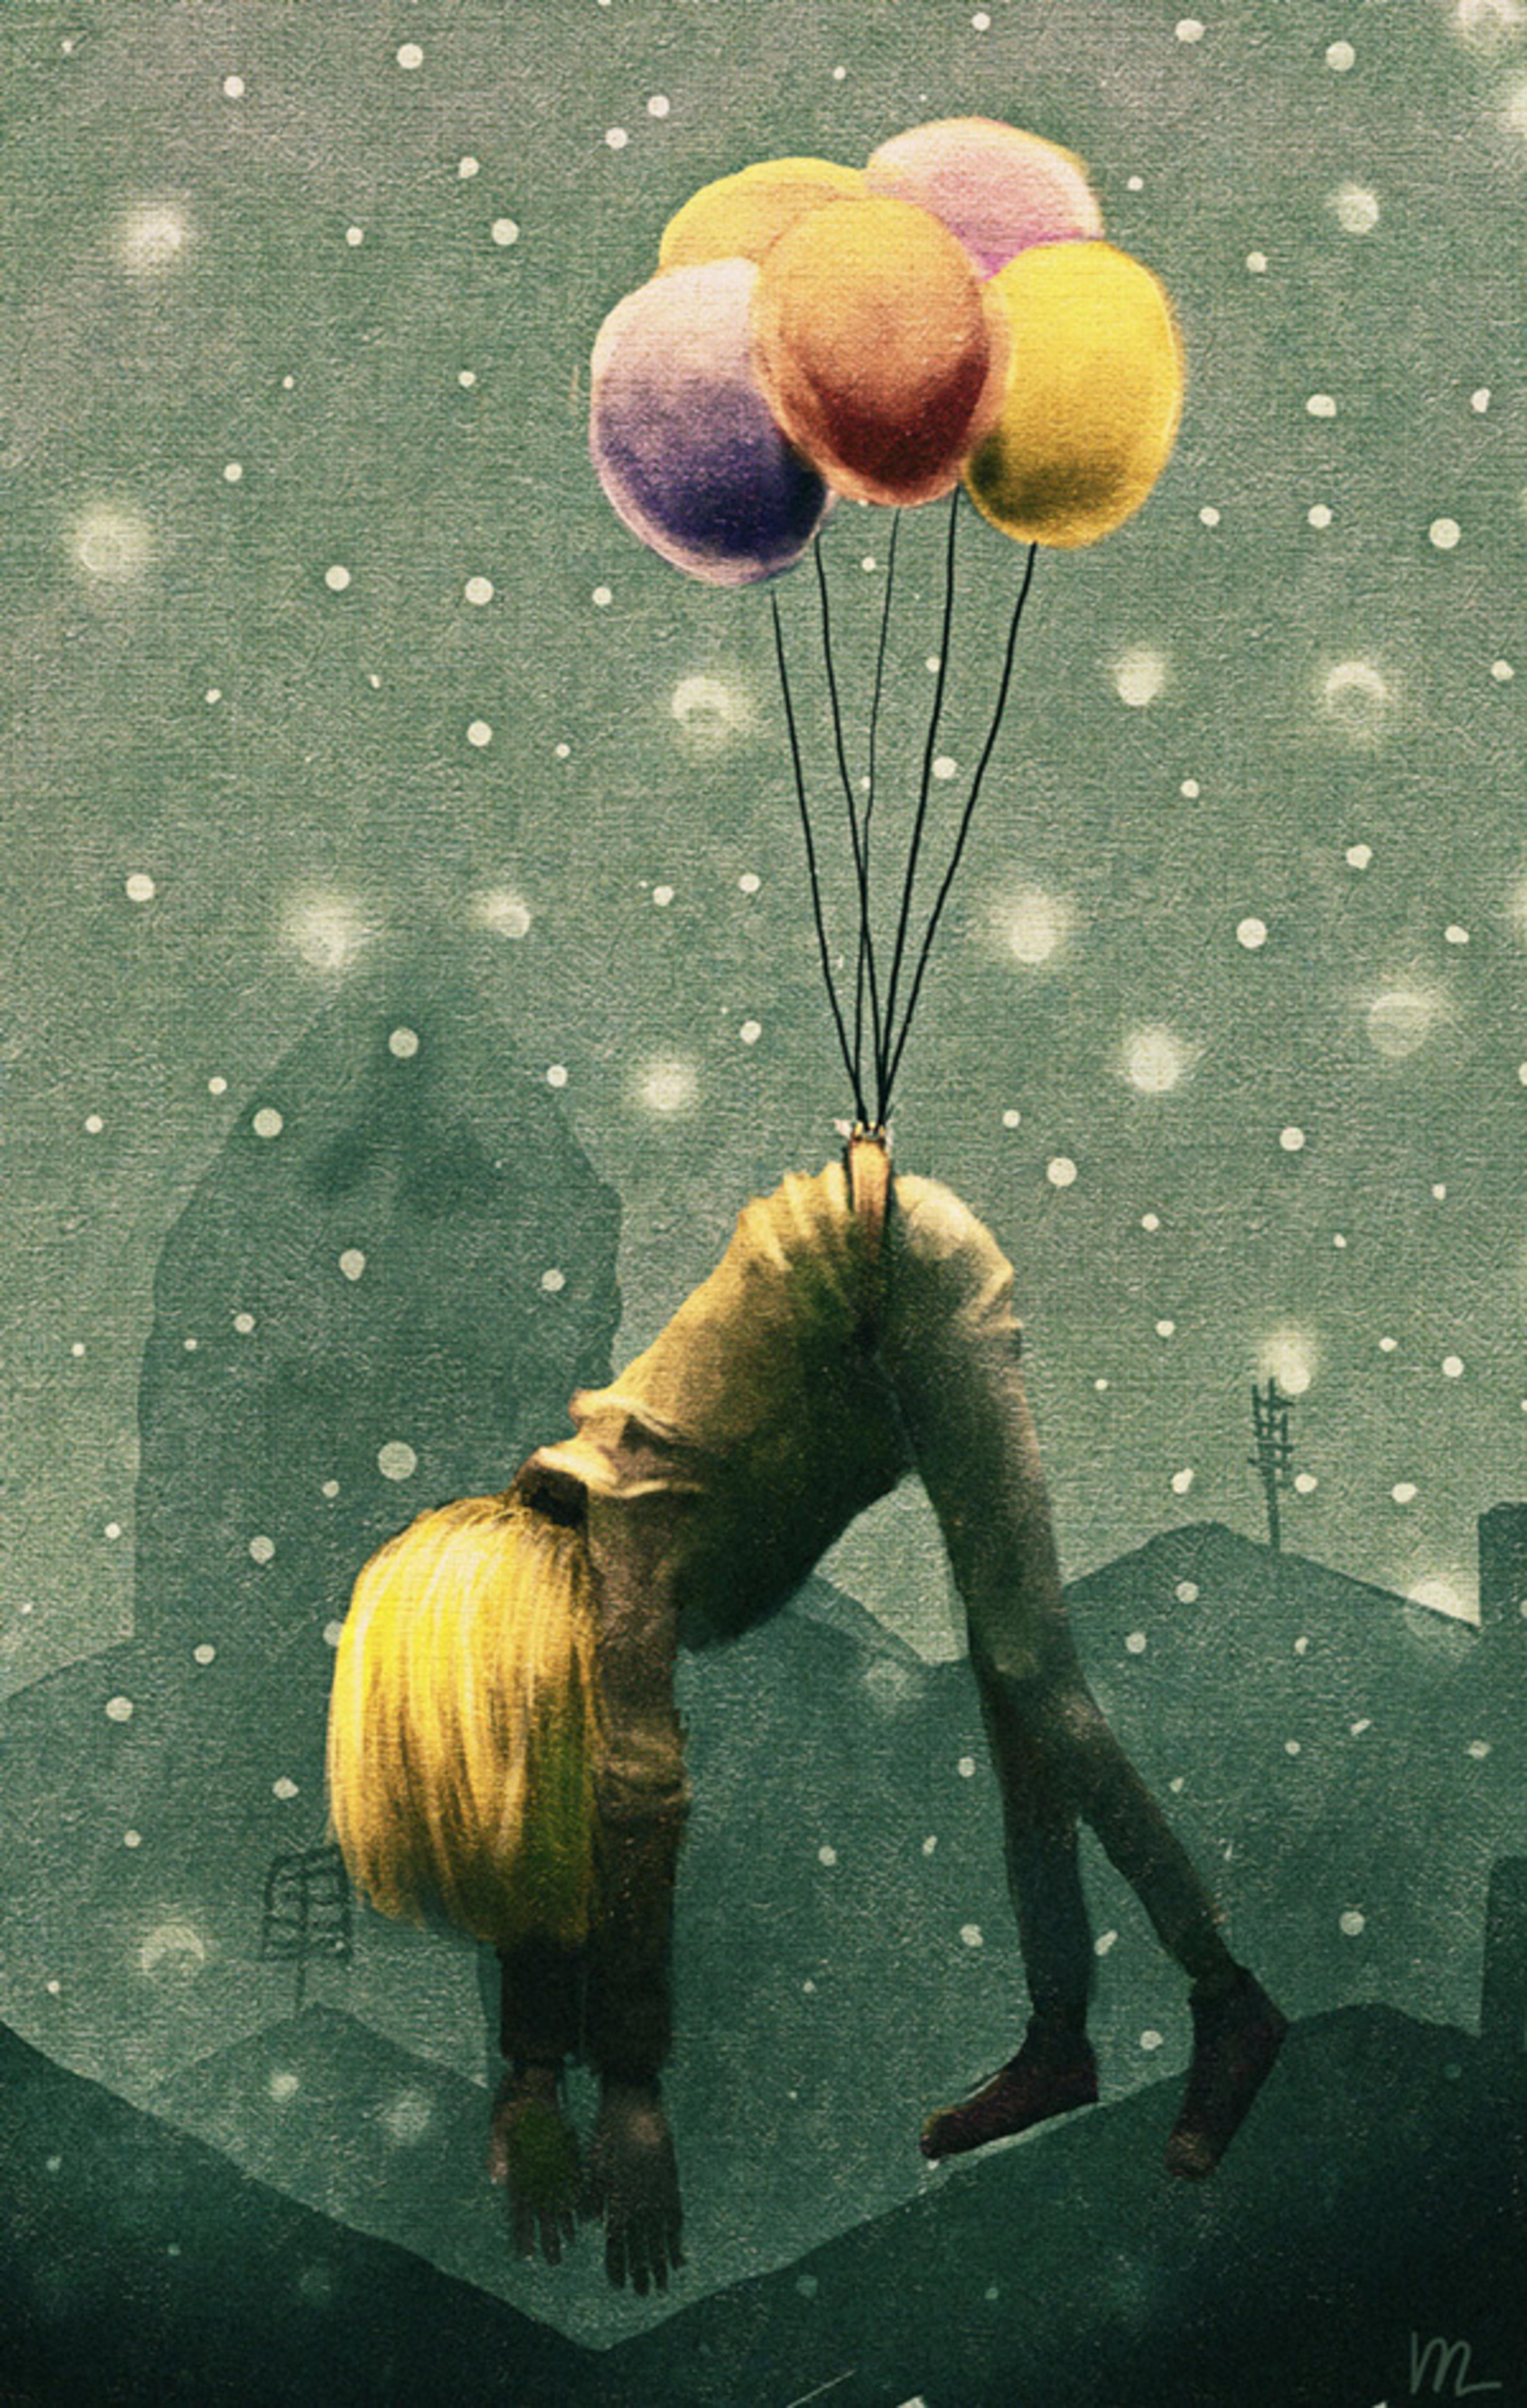 тут кроется толкование сна лететь на воздушном шаре вумные